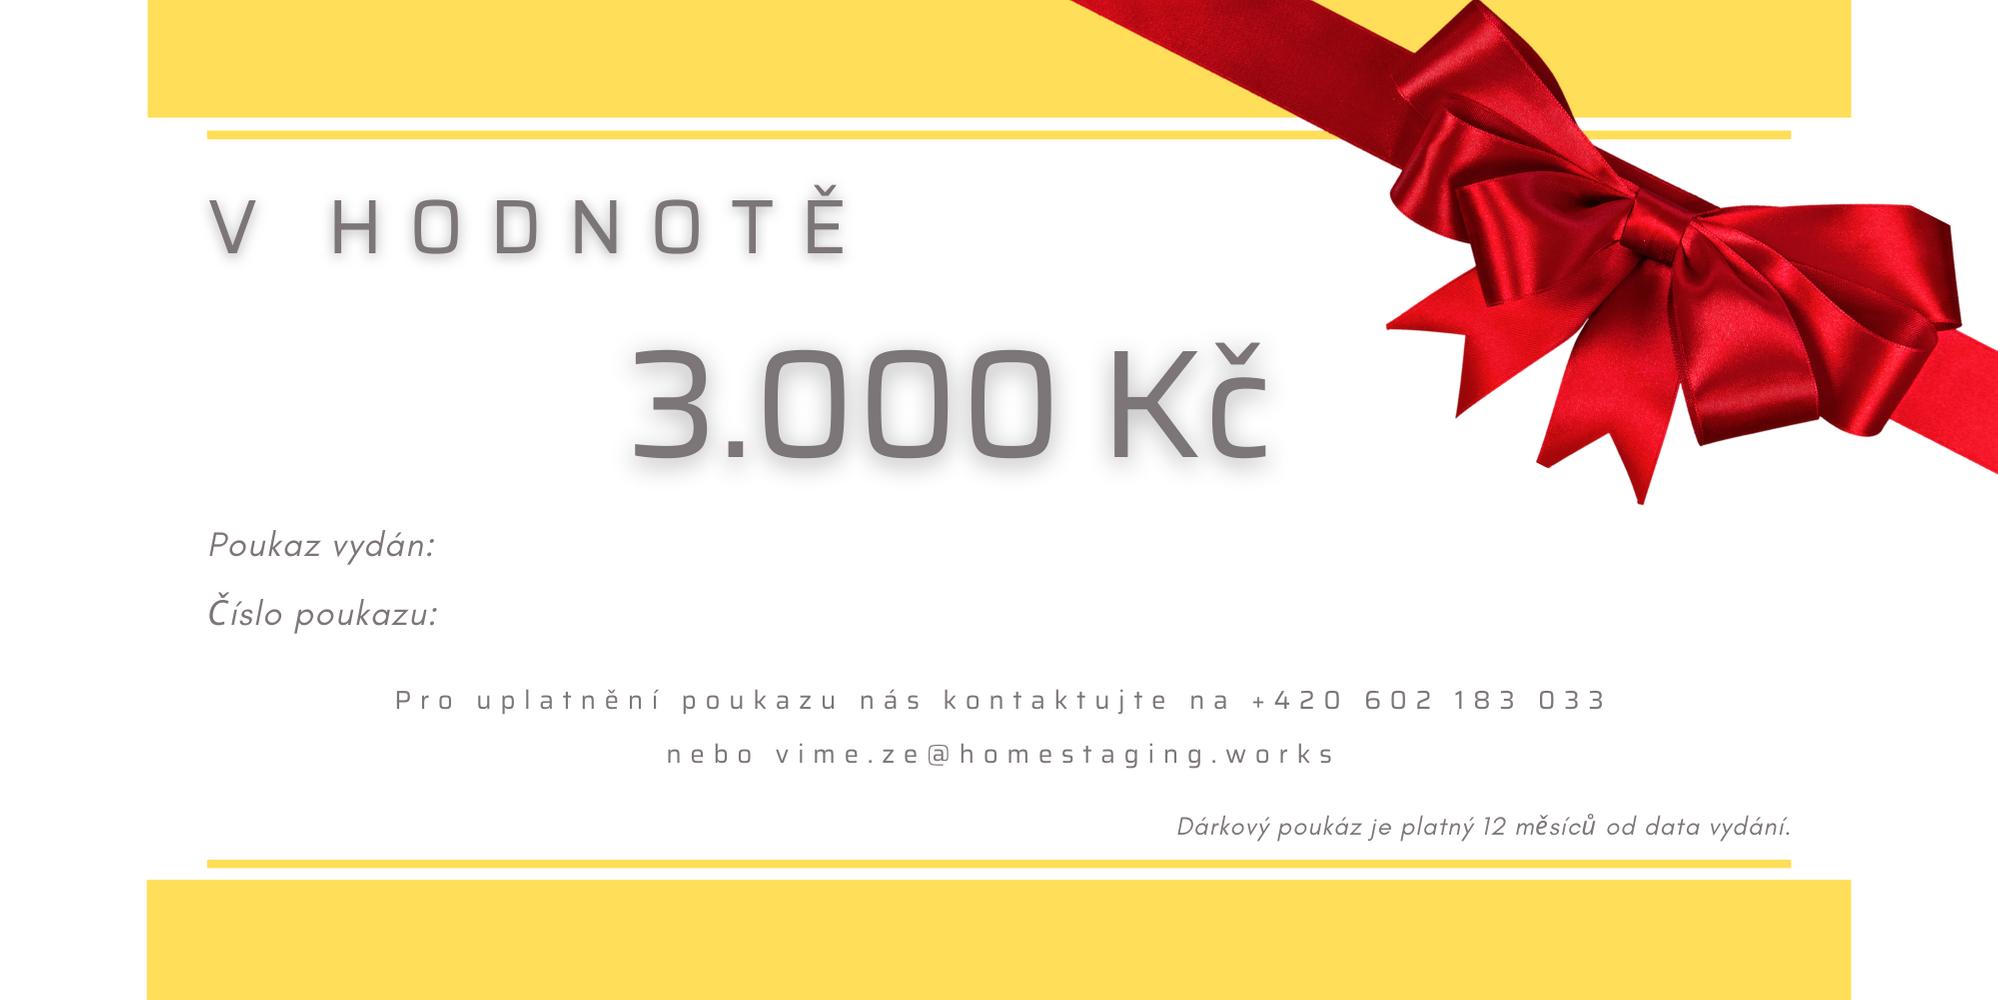 Dárkový poukaz 3.000 Kč